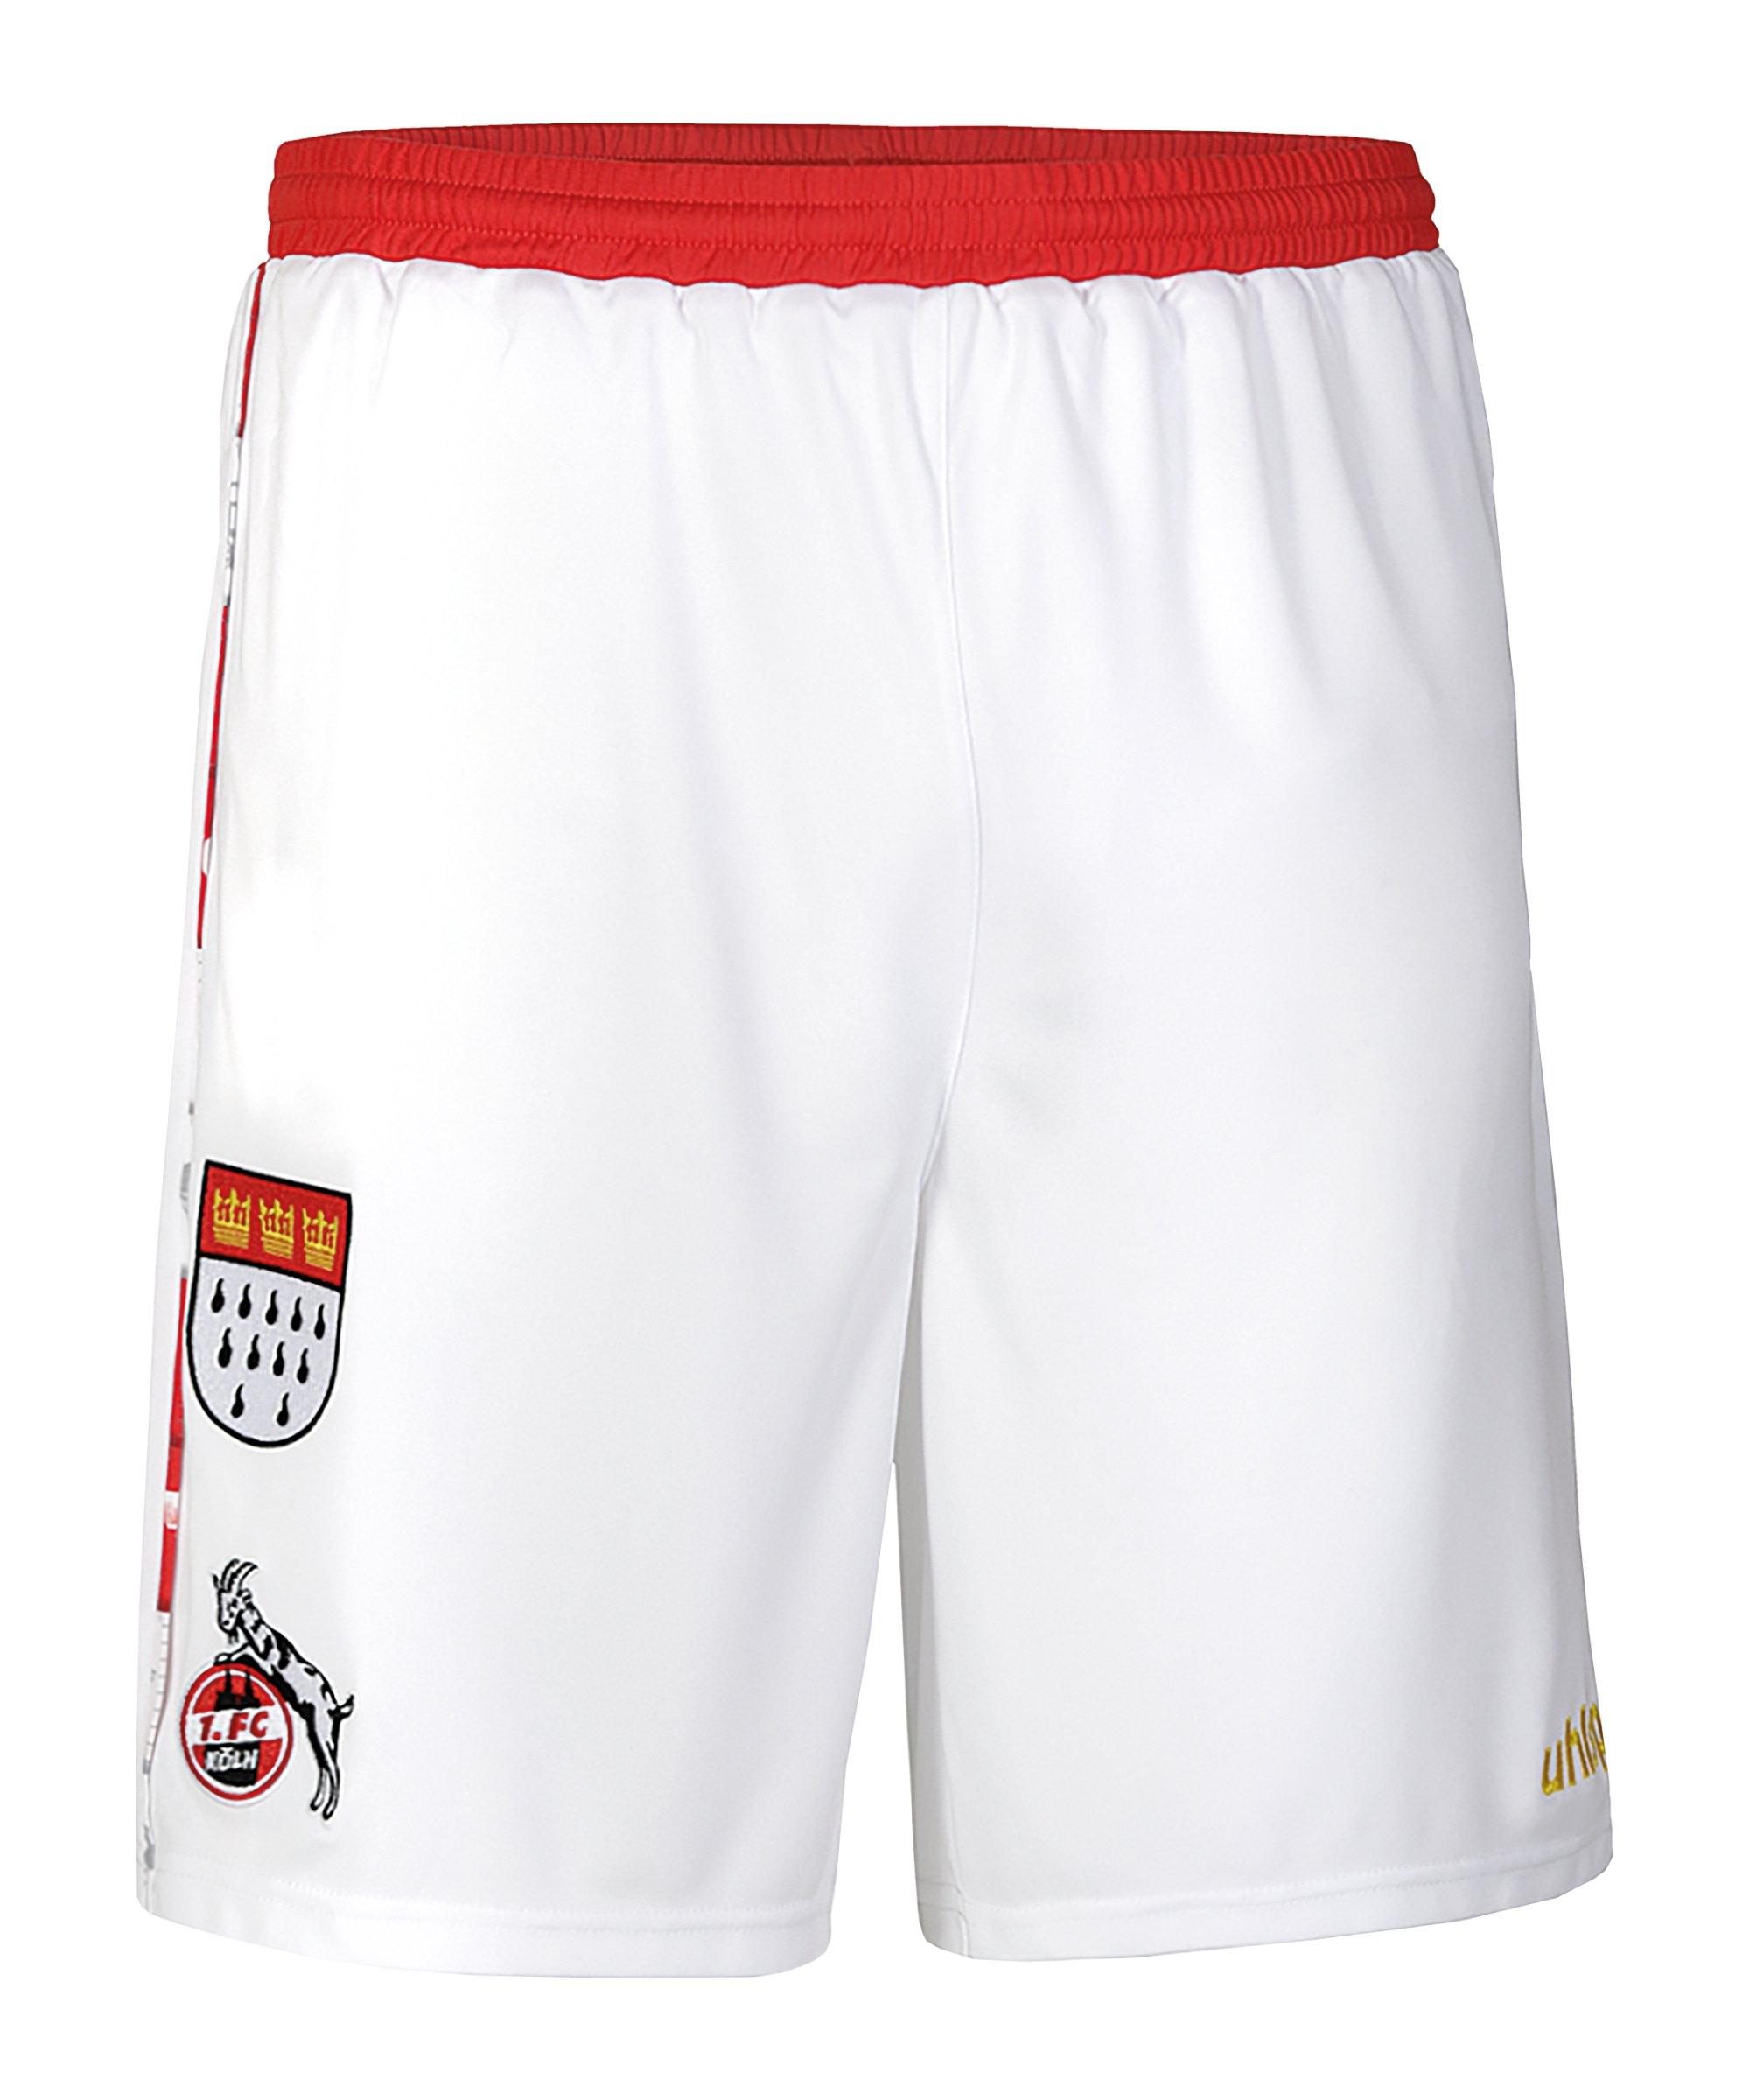 Uhlsport 1. FC Köln Karneval Short 2020/2021 - weiss